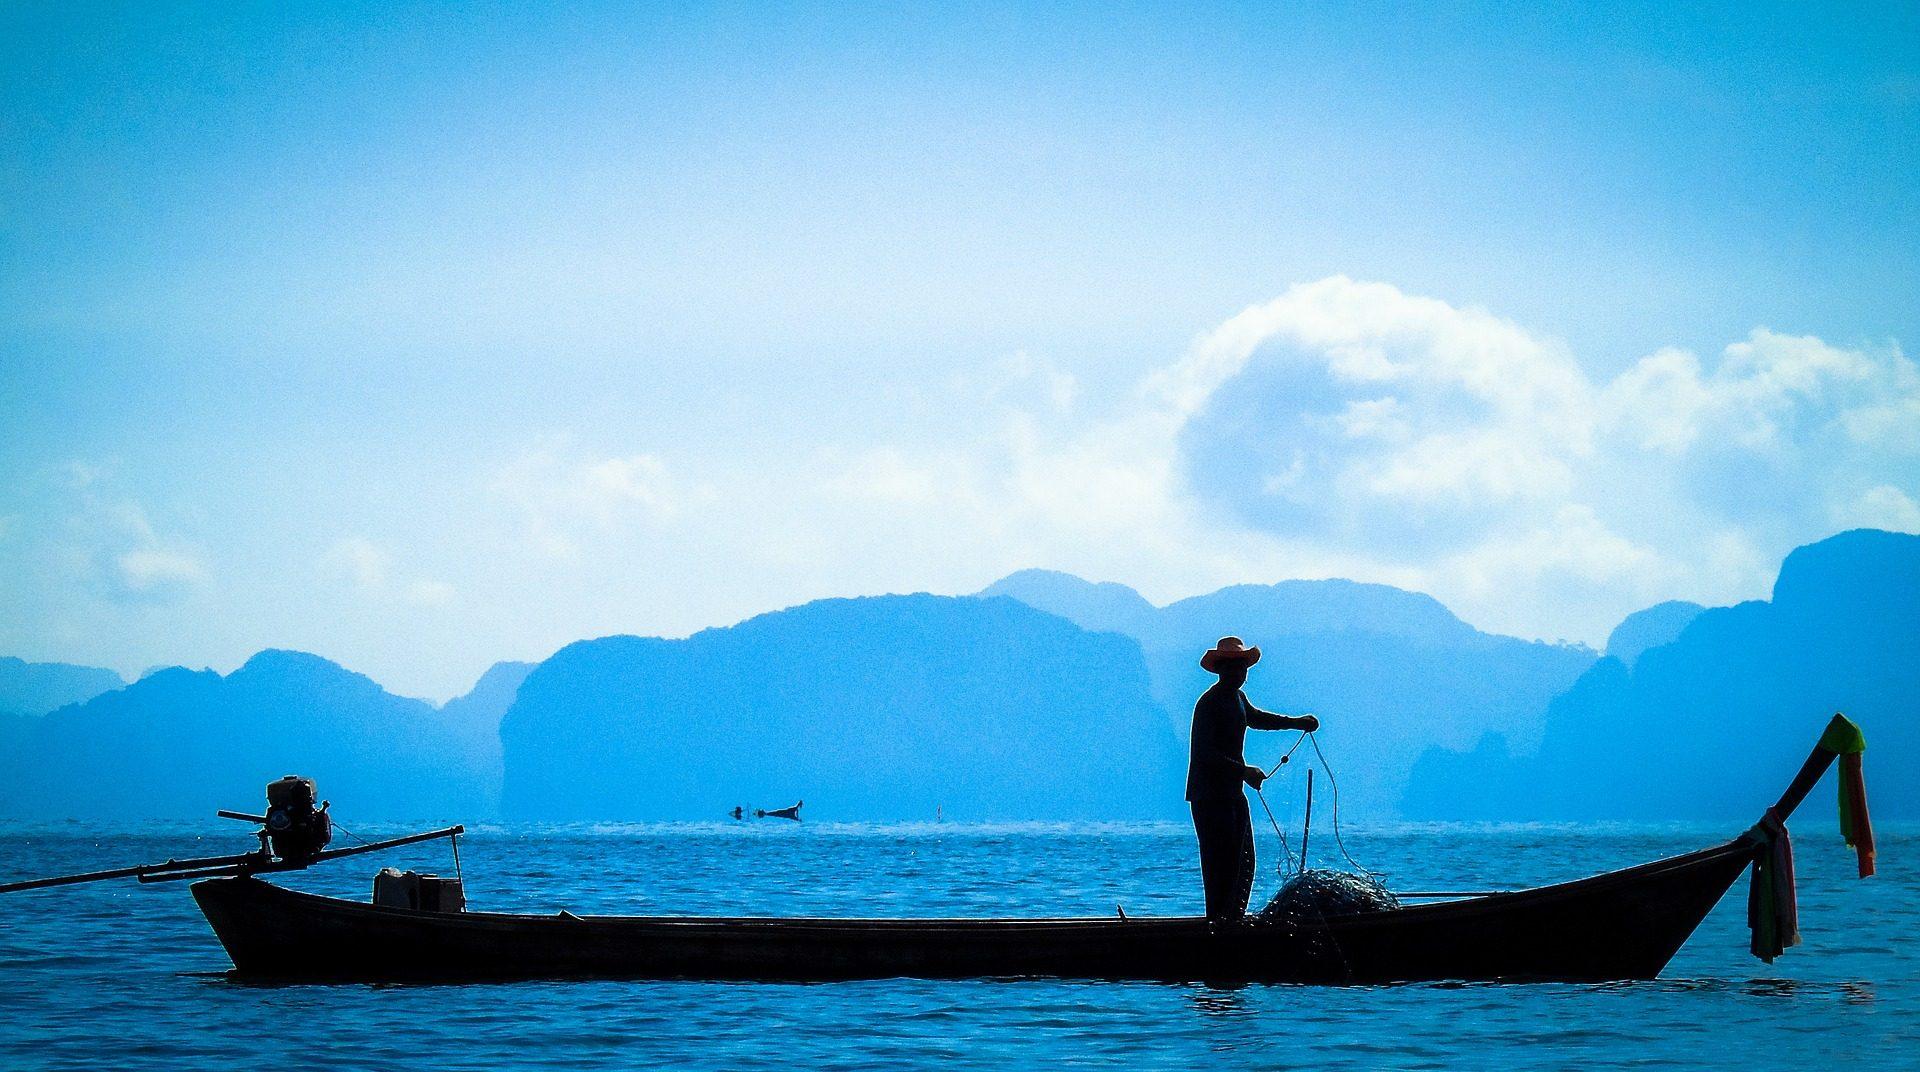 Fischer, Mann, Barca, Montañas, Meer, Silhouette - Wallpaper HD - Prof.-falken.com